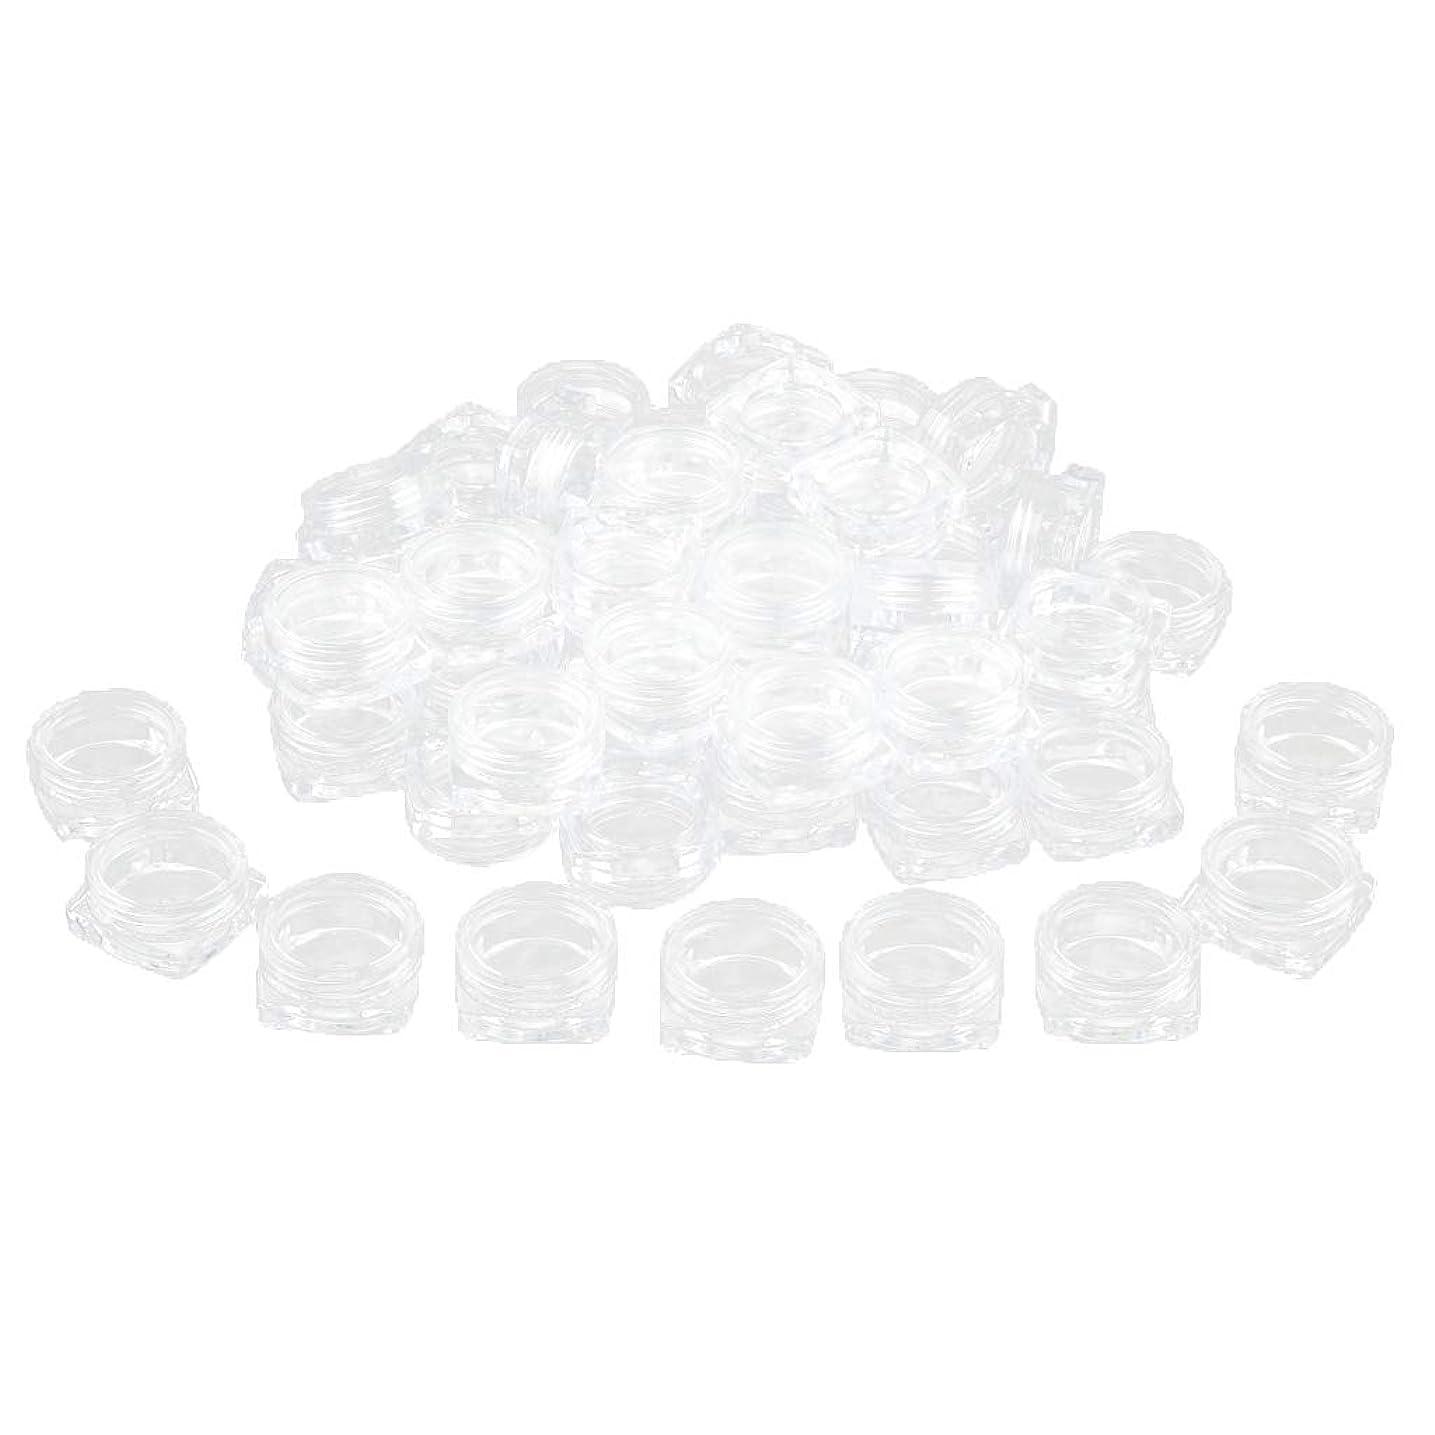 密度主婦傾いたFLAMEER 約50個 化粧ポット ローションジャー サンプルボトル コスメ 化粧品 詰替え容器 クリア - 2g